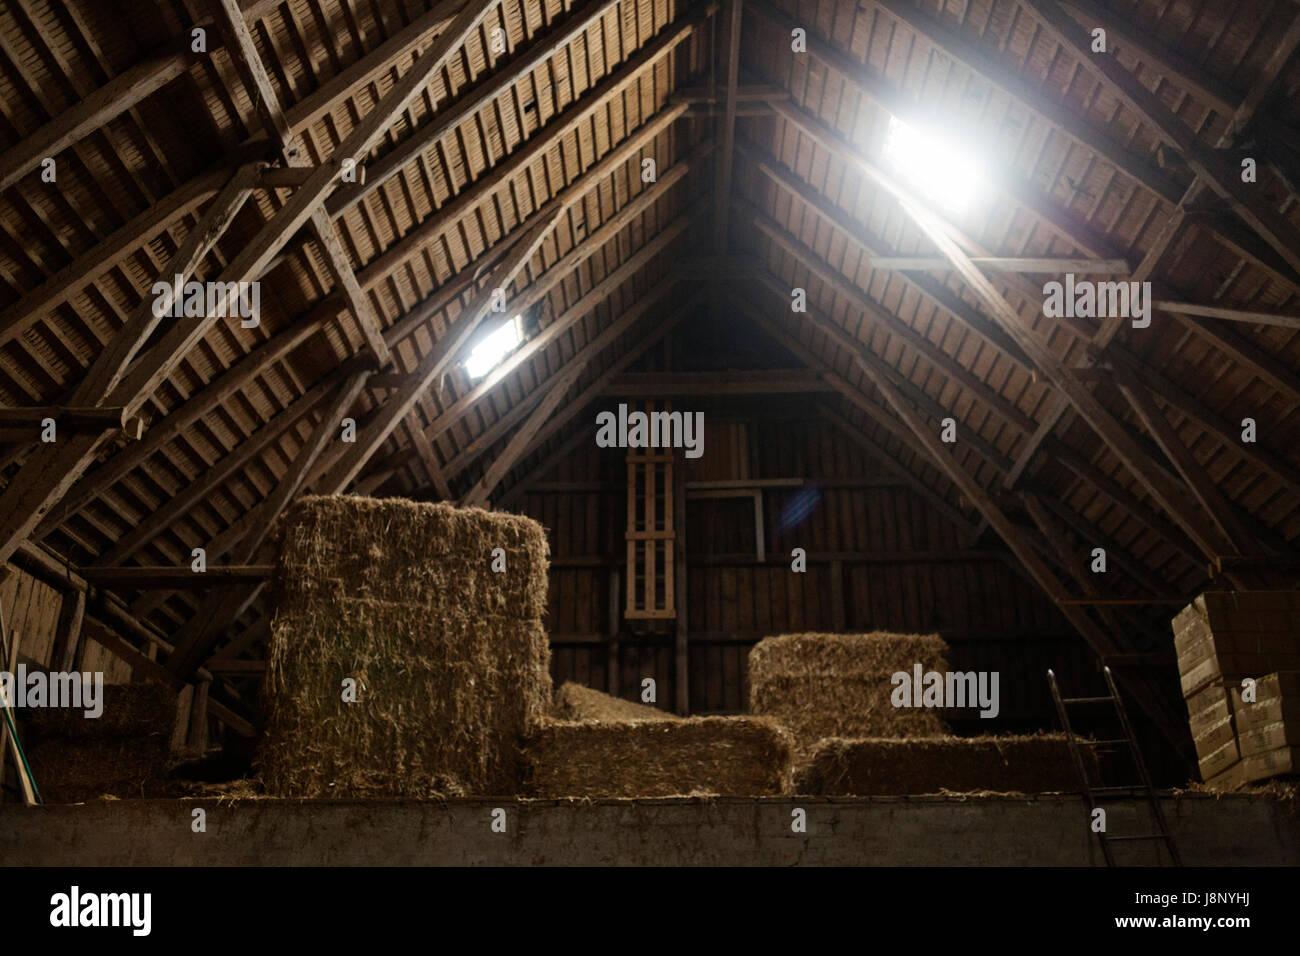 Botte in barn Banque D'Images